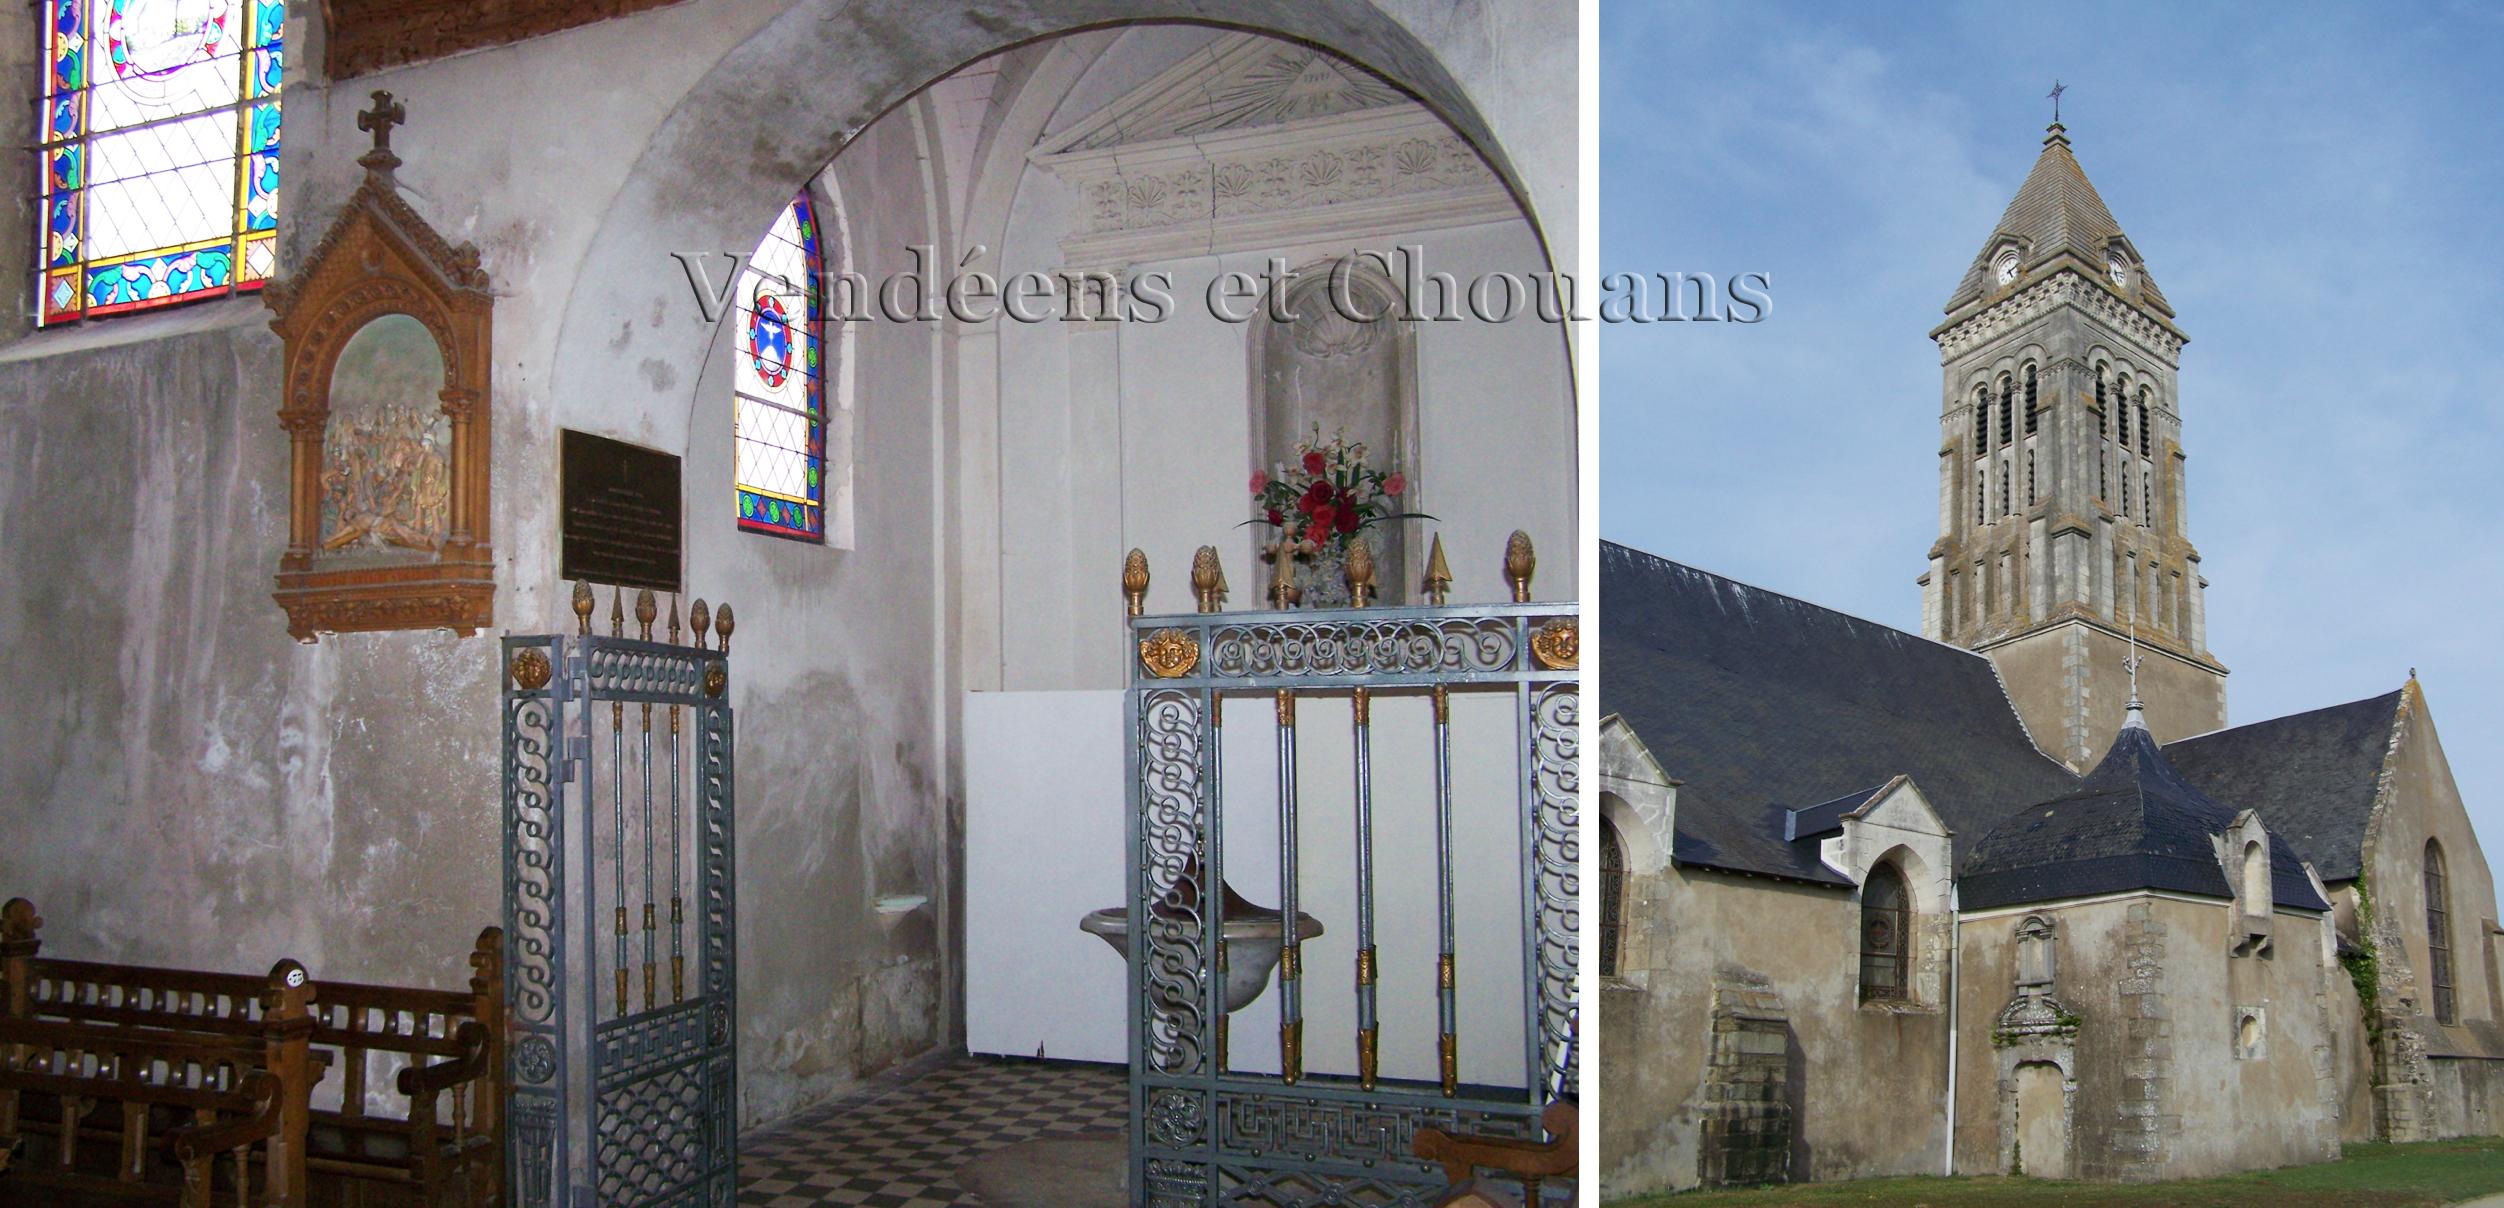 La mémoire des événements de 1794  Noirmoutier Vendéens & Chouans